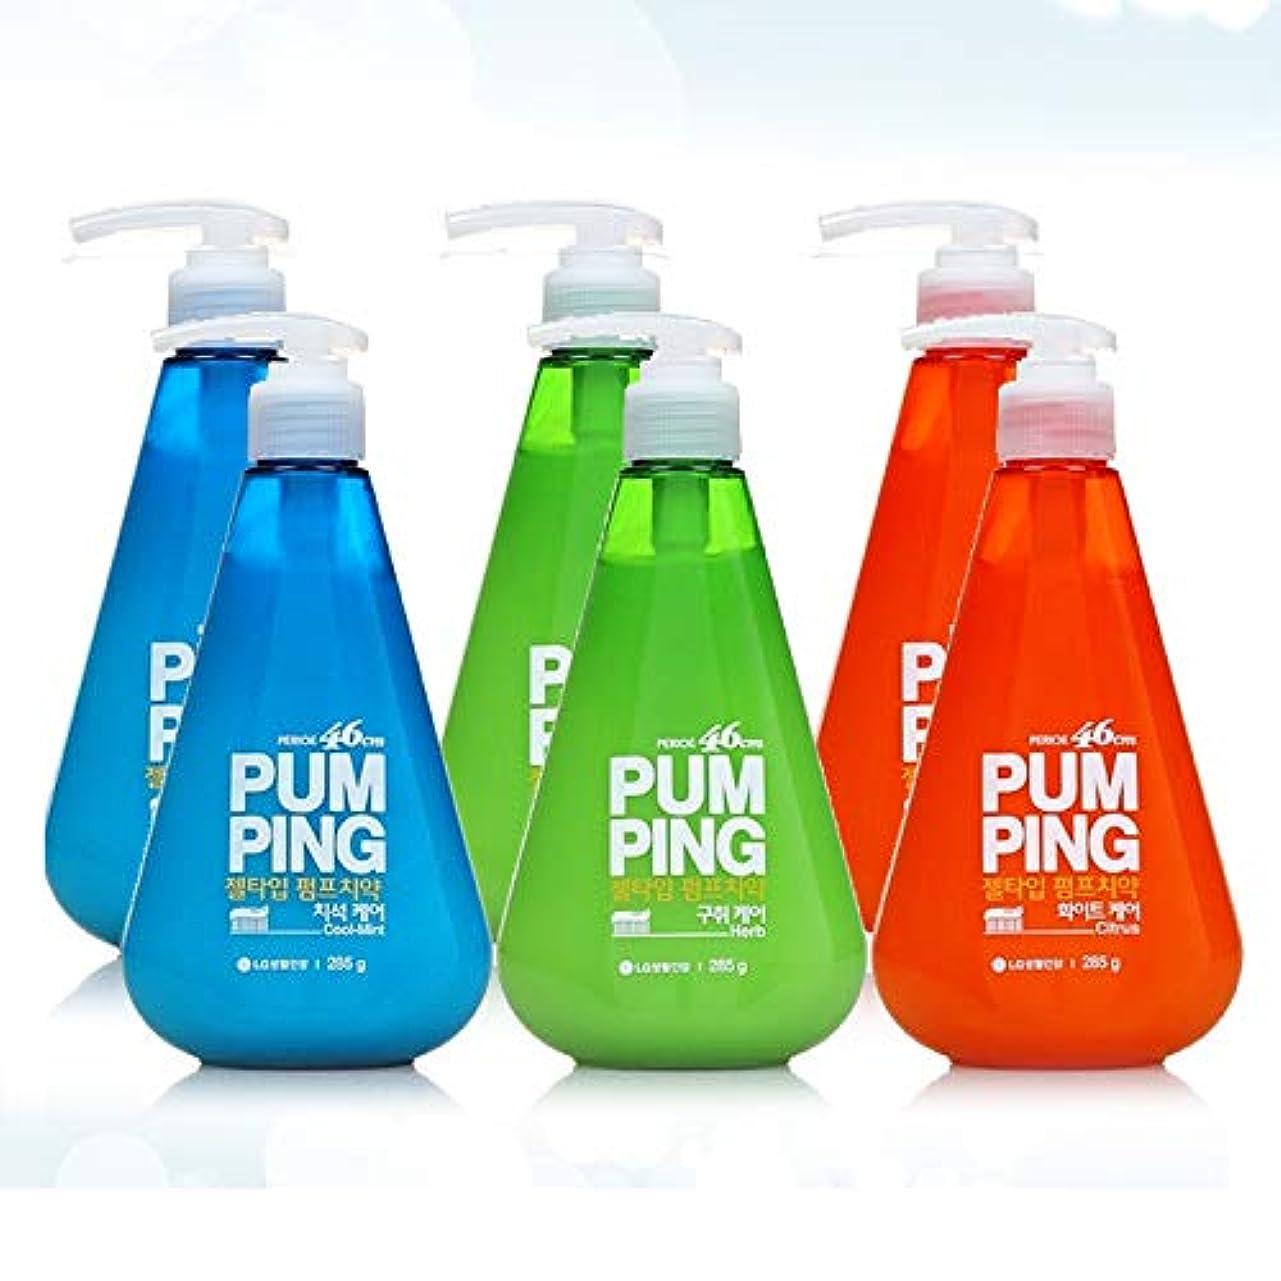 スタウト用語集ほぼ[LG HnB] Perio 46cm pumped toothpaste / ペリオ46cmポンピング歯磨き粉 285gx6個(海外直送品)